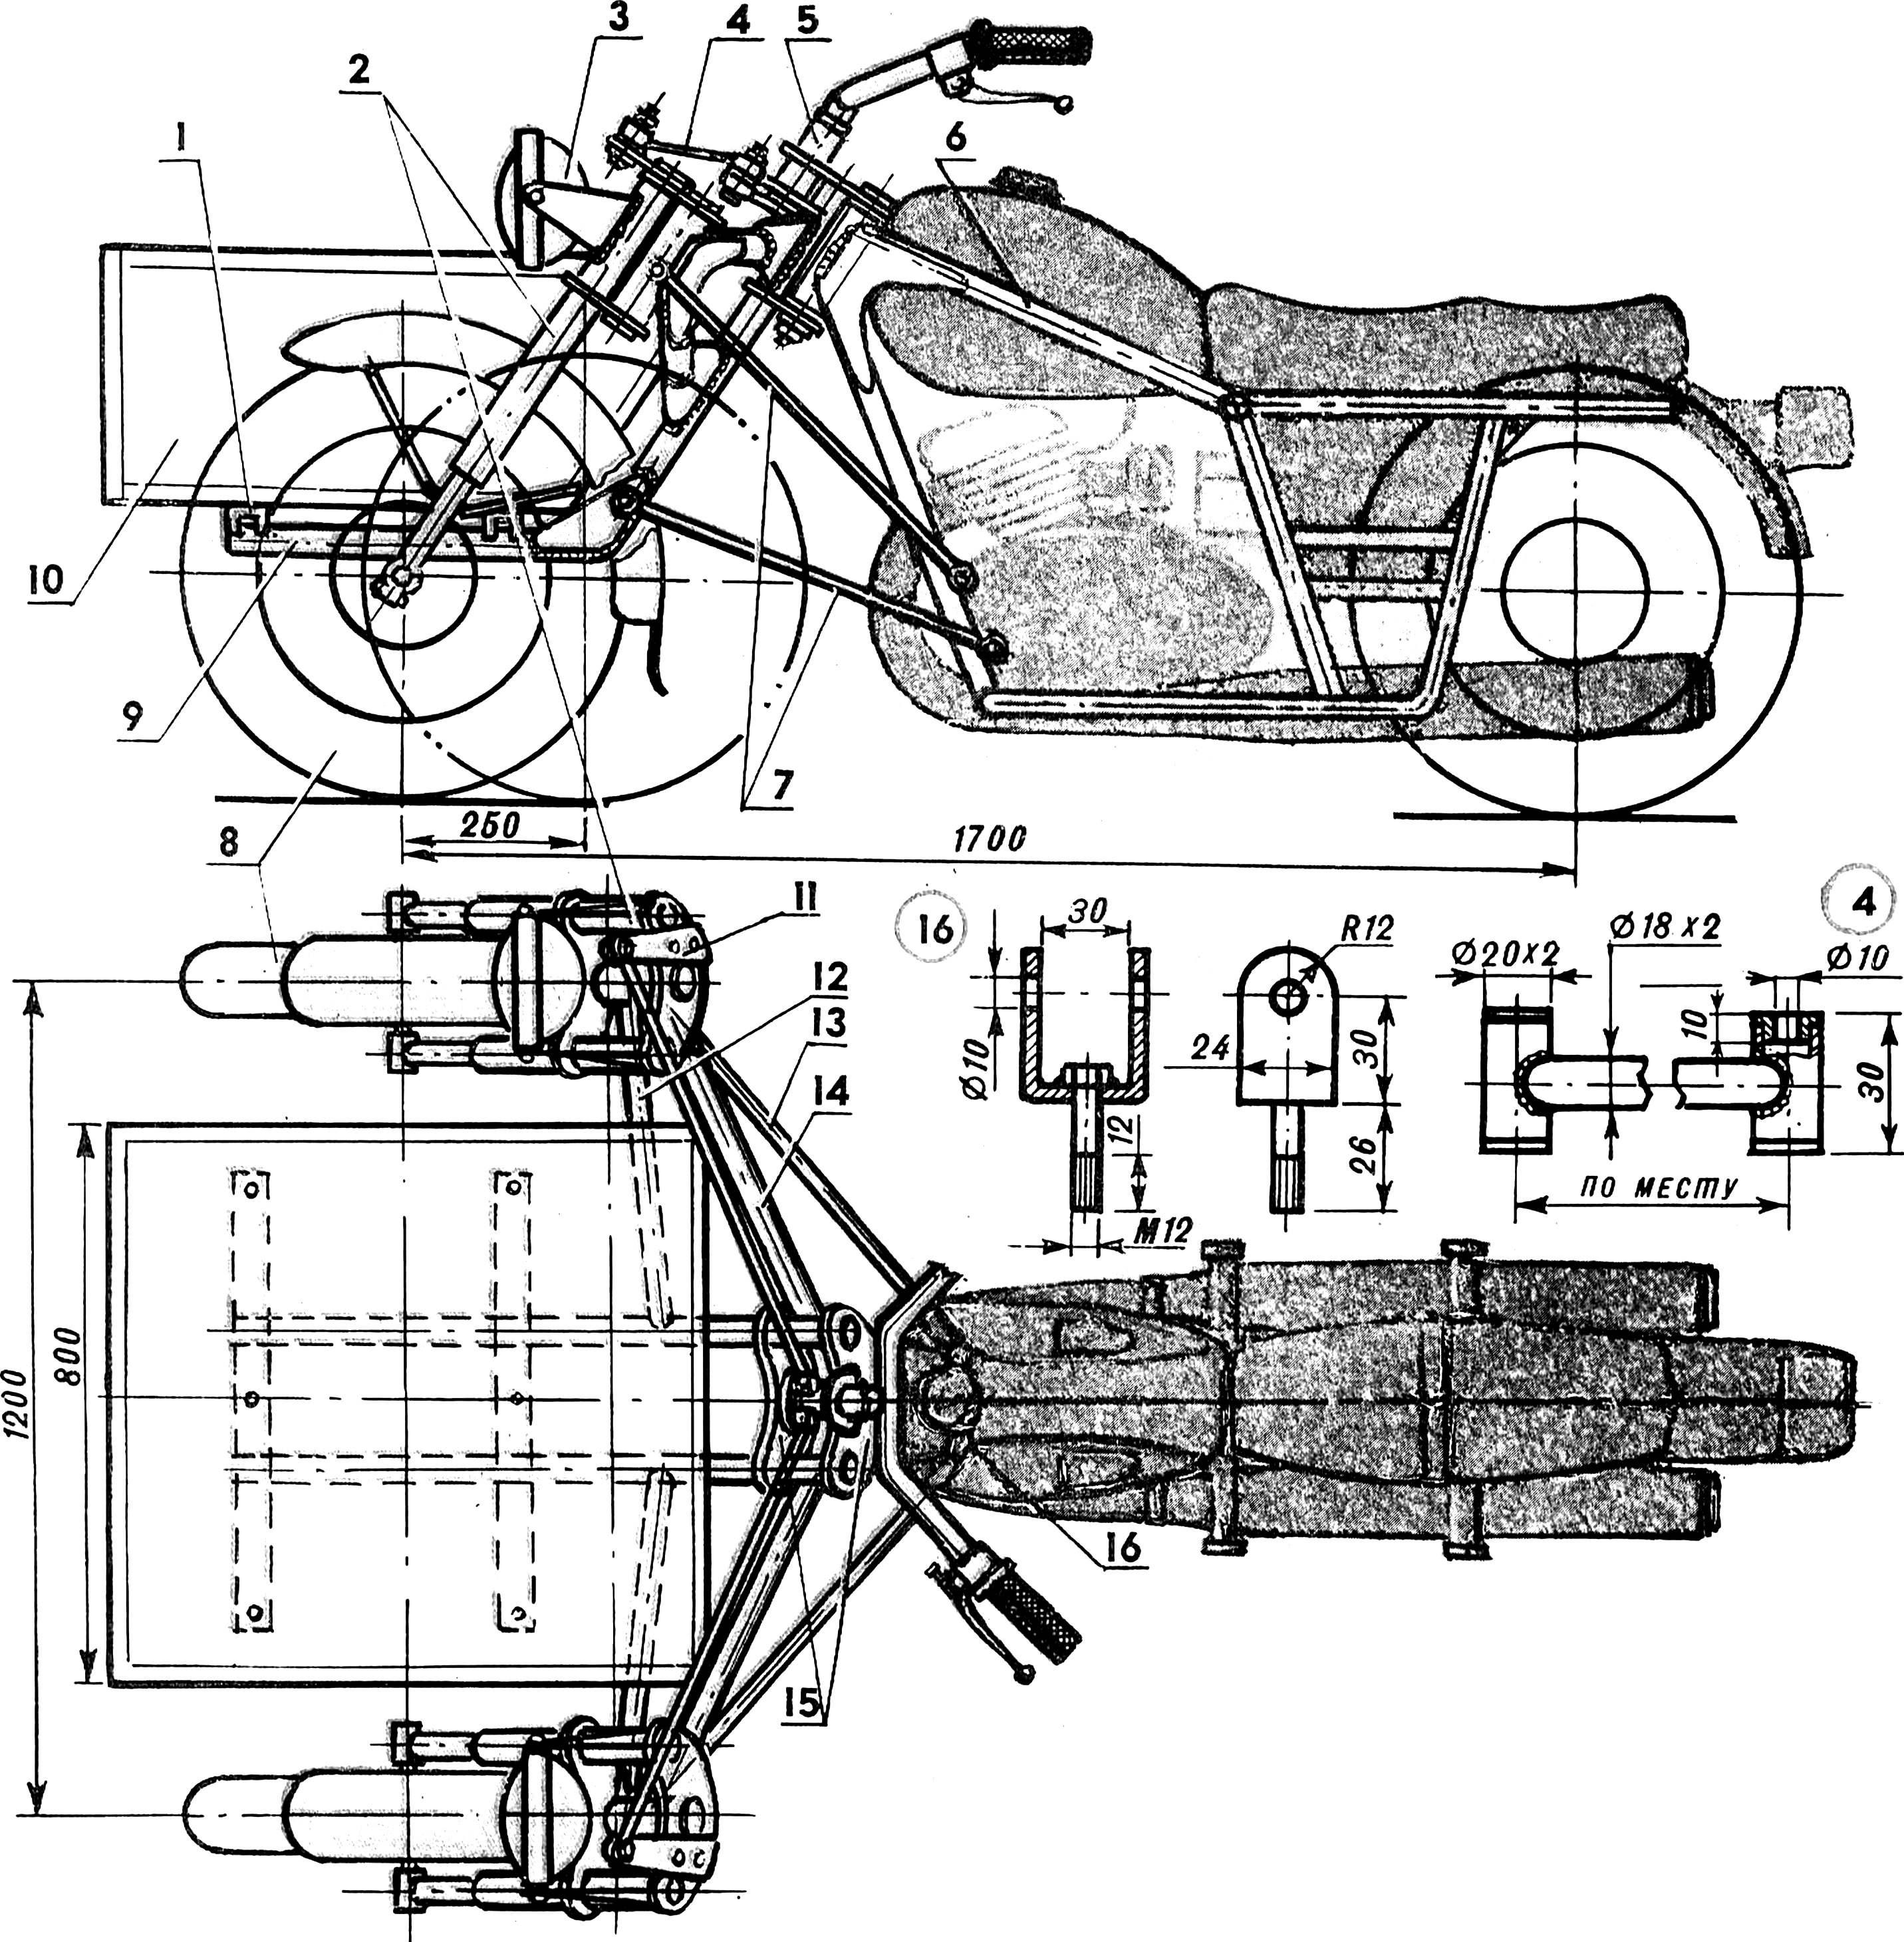 Рис. 1. Мотогрузовичок на базе мотоцикла «ИЖ-Юпитер».